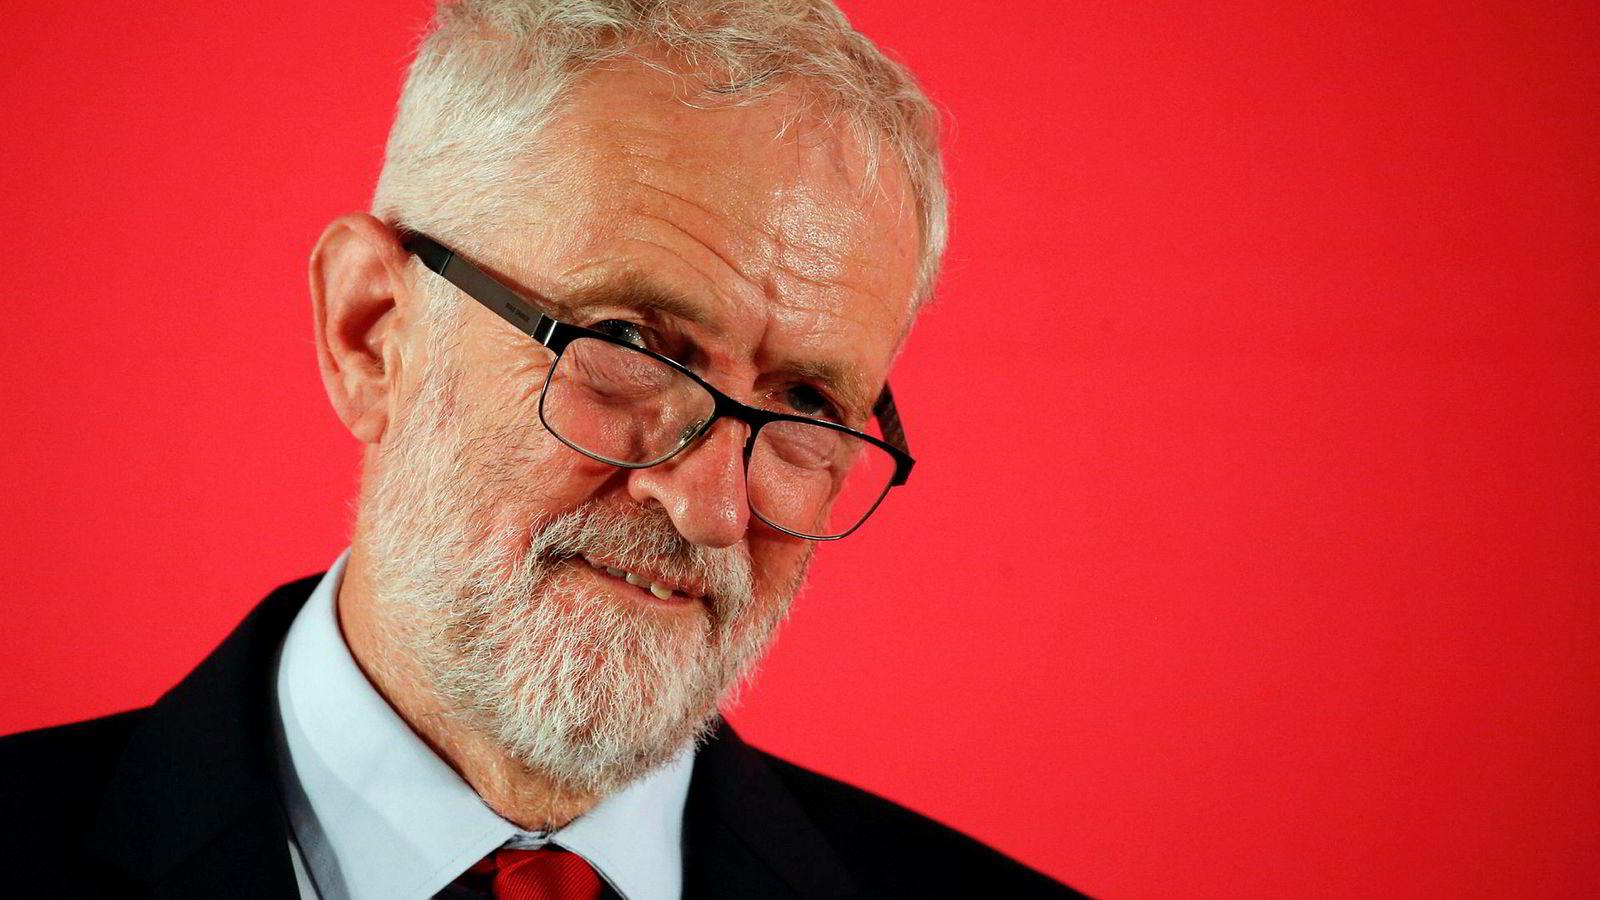 Flere briter mener det er verre med Jeremy Corbyn som statsminister enn en hard brexit.